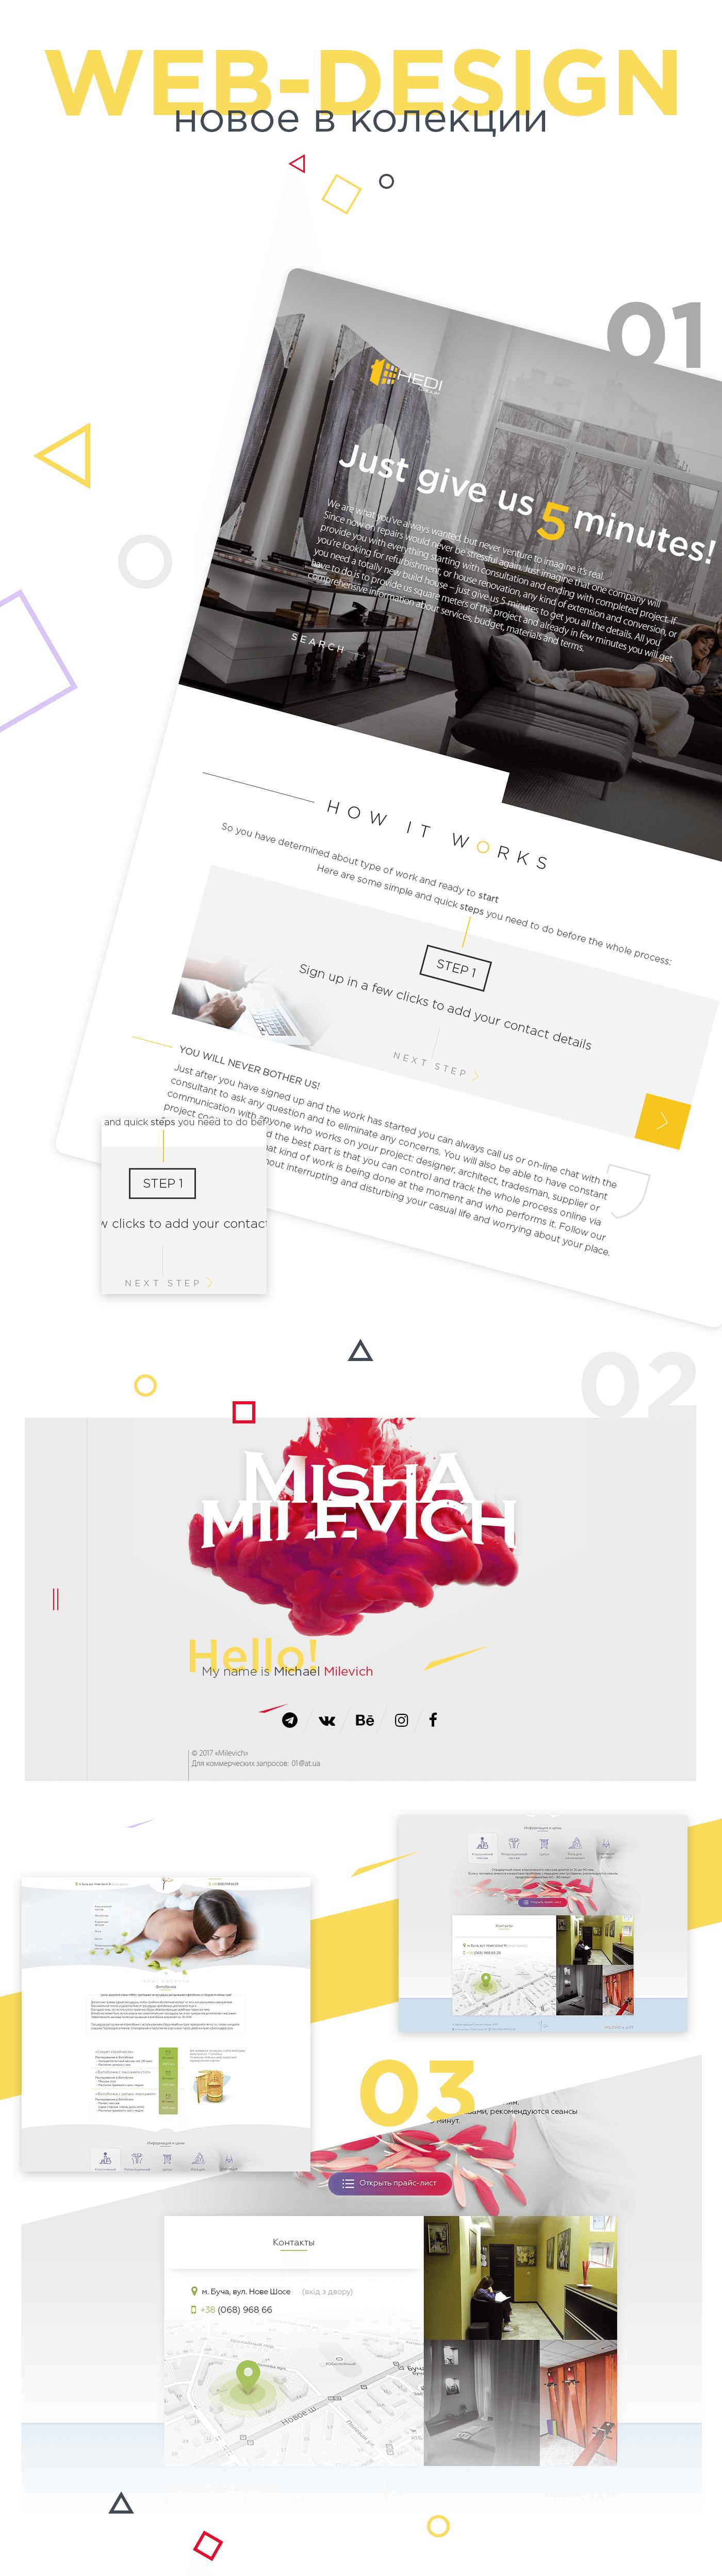 Программа для веб дизайна сайтов